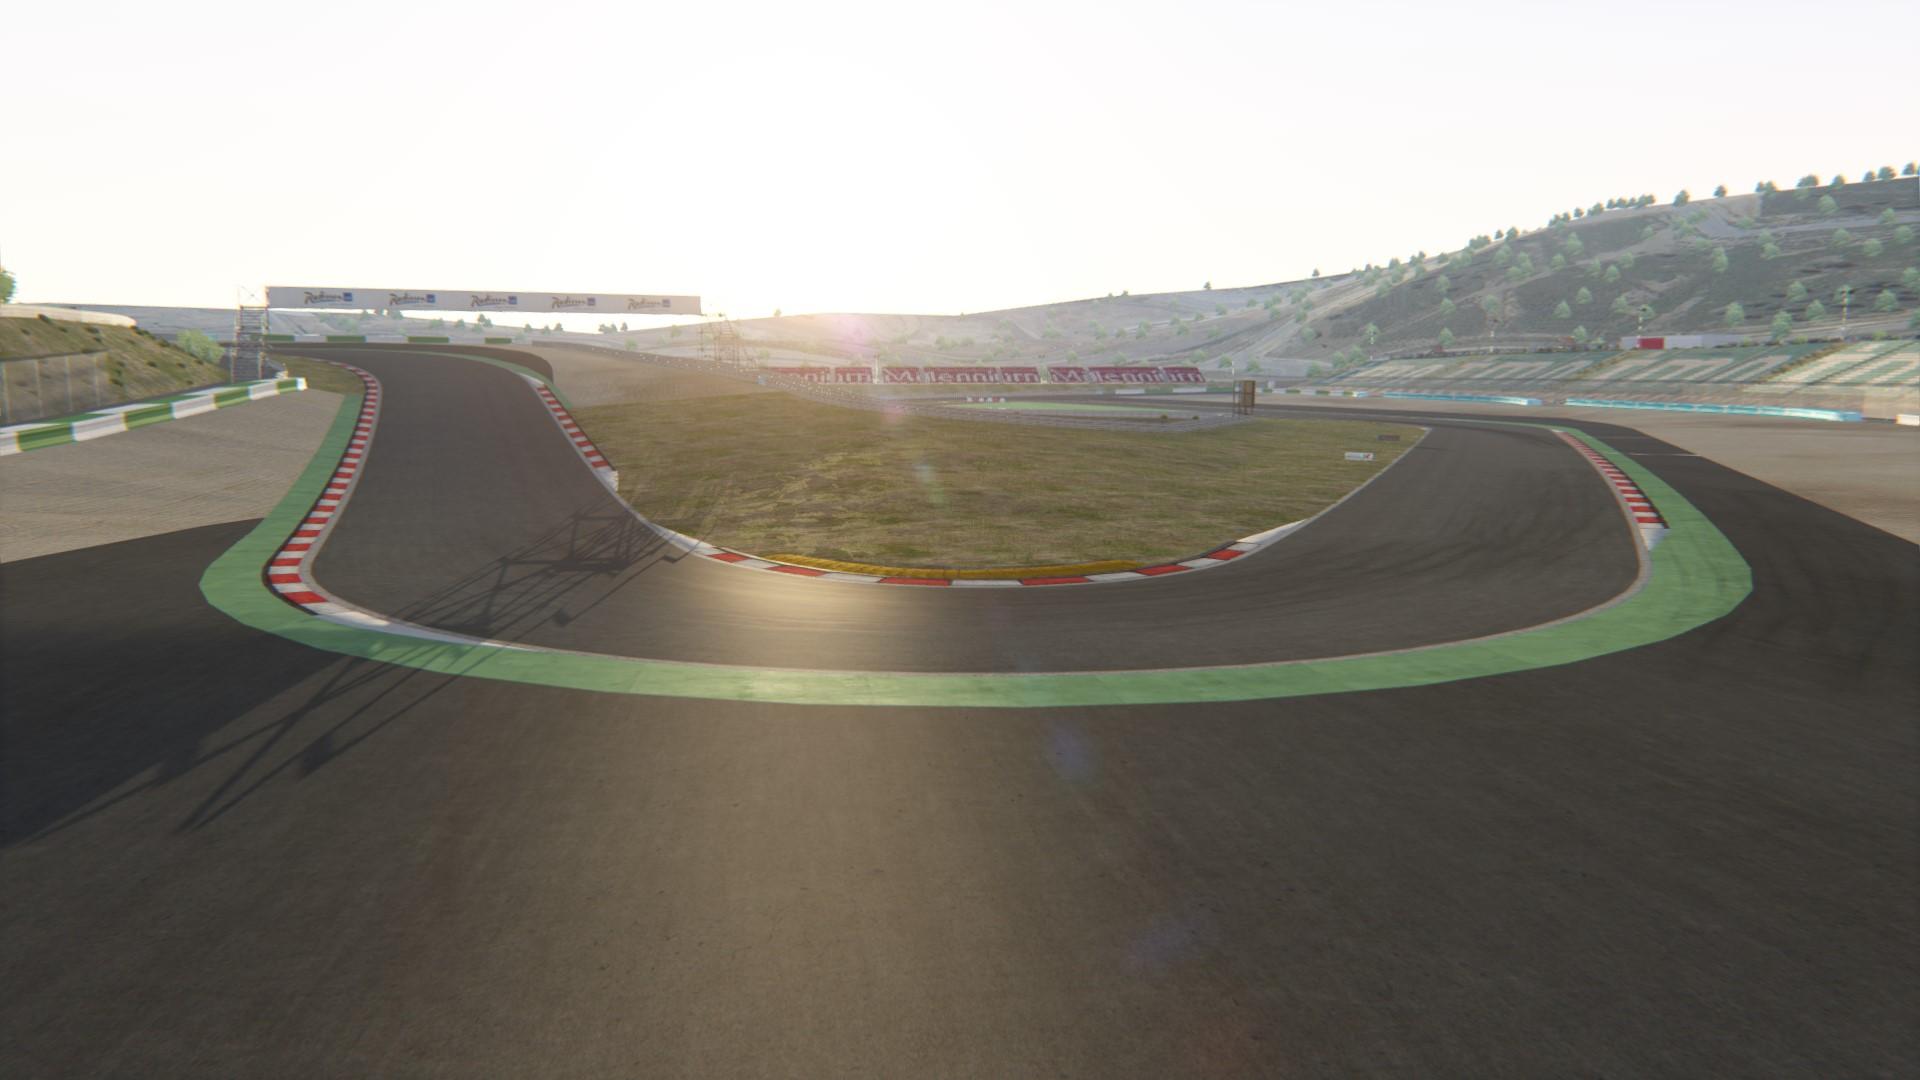 Circuito Algarve : Desafio Único circuito do algarve int series